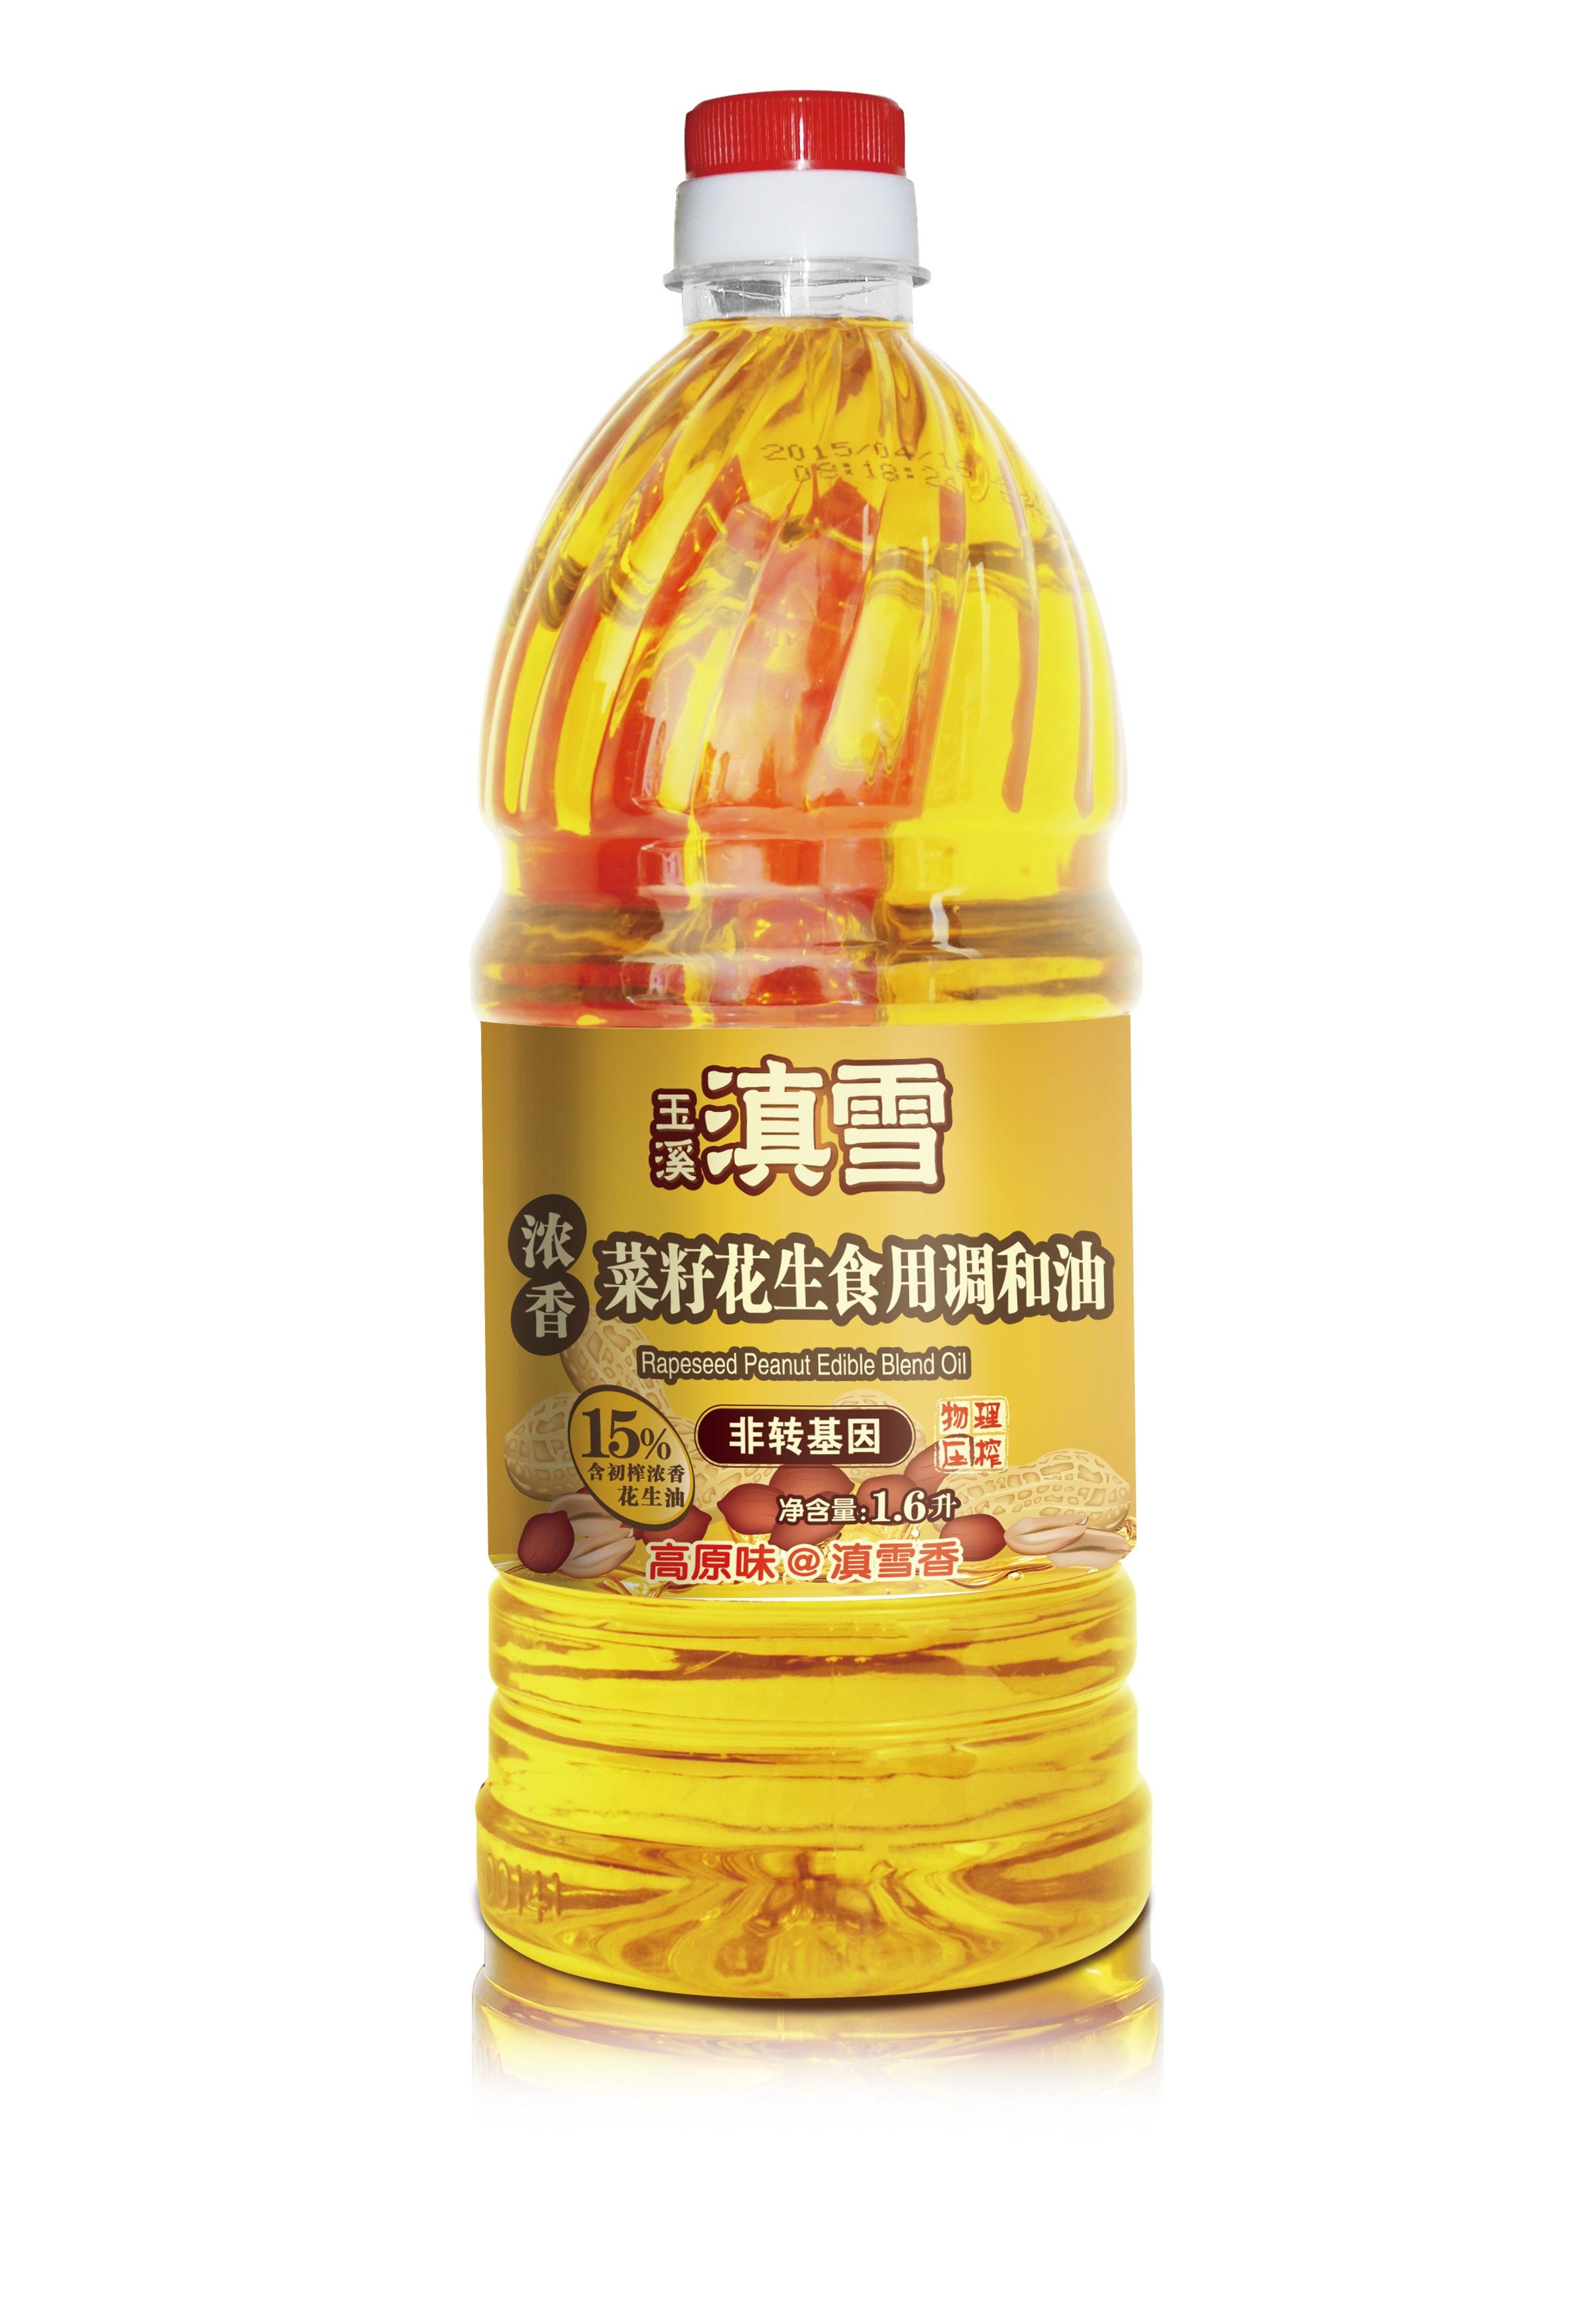 滇雪浓香菜籽花生食用调和油-160ml.jpg